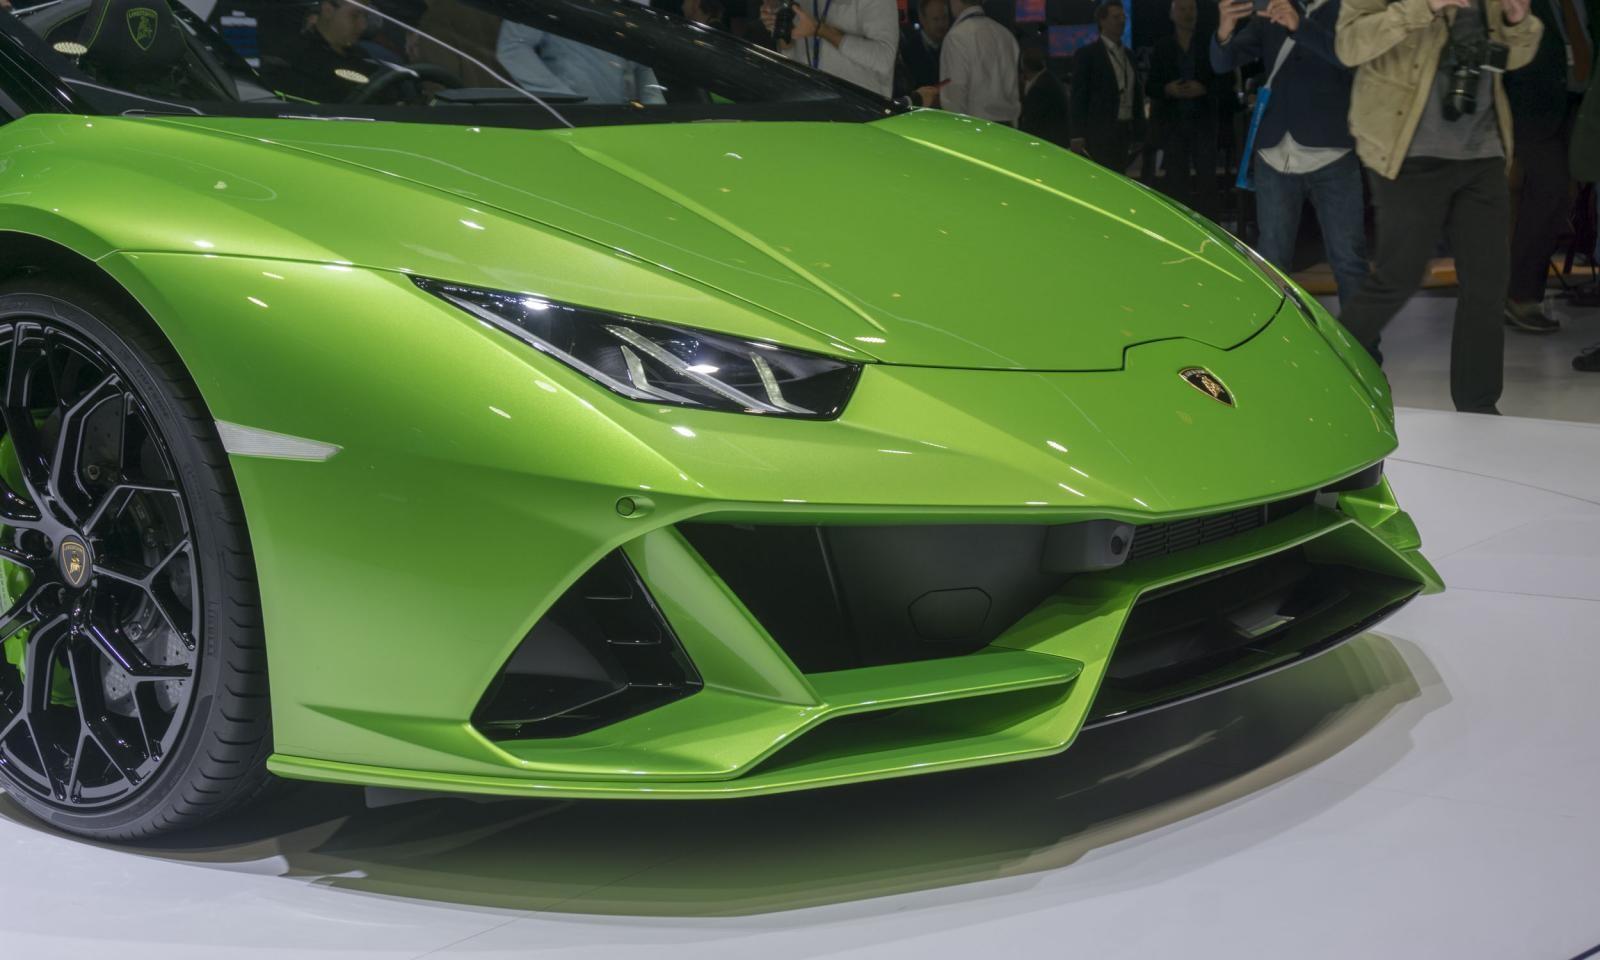 Lamborghini Huracan Evo mui trần có thiết kế cá tính